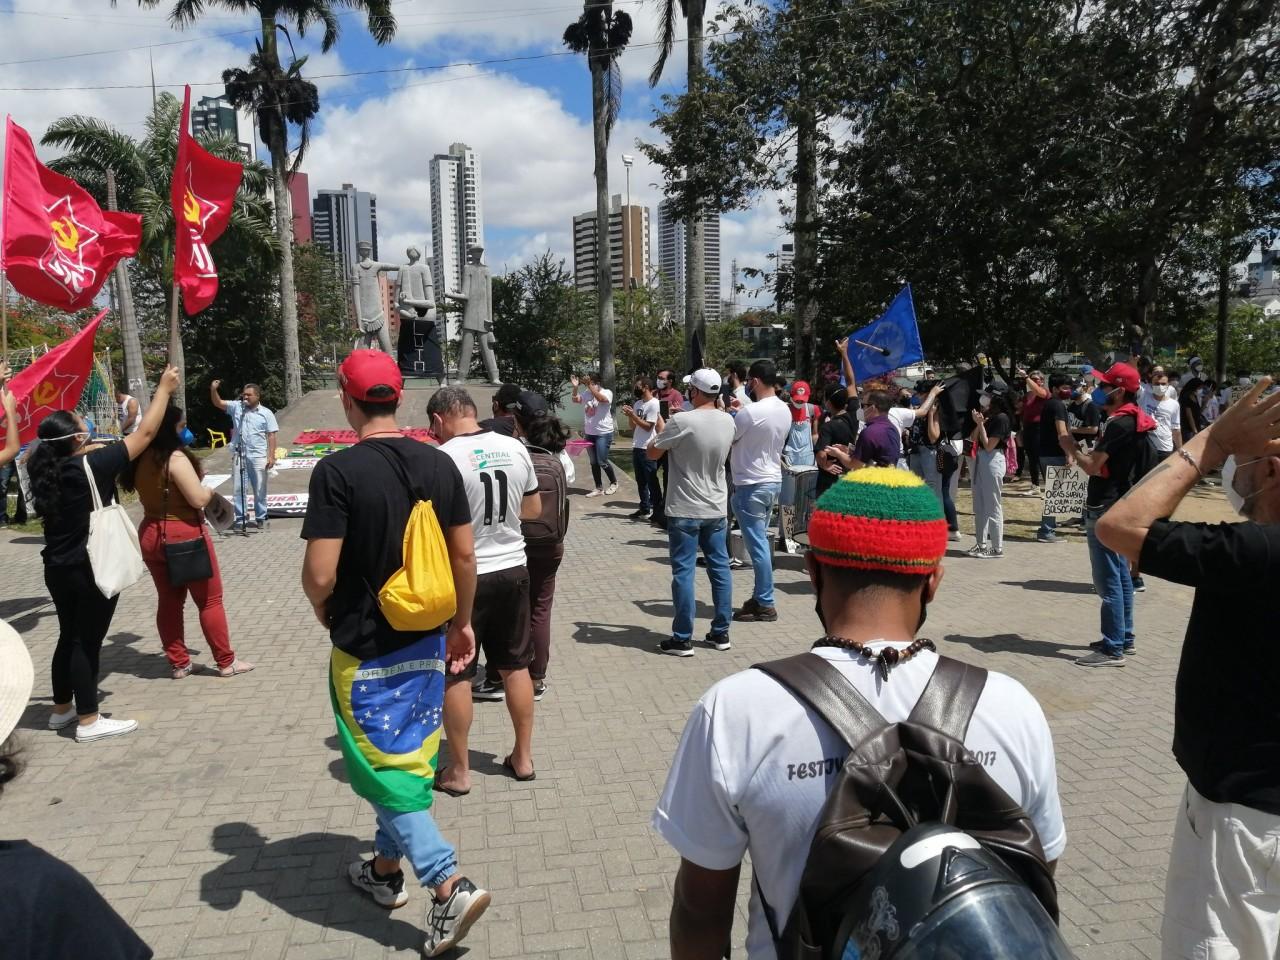 excluidos - Campina Grande já registra primeiras manifestações favoráveis e contrárias a Bolsonaro - VEJA IMAGENS